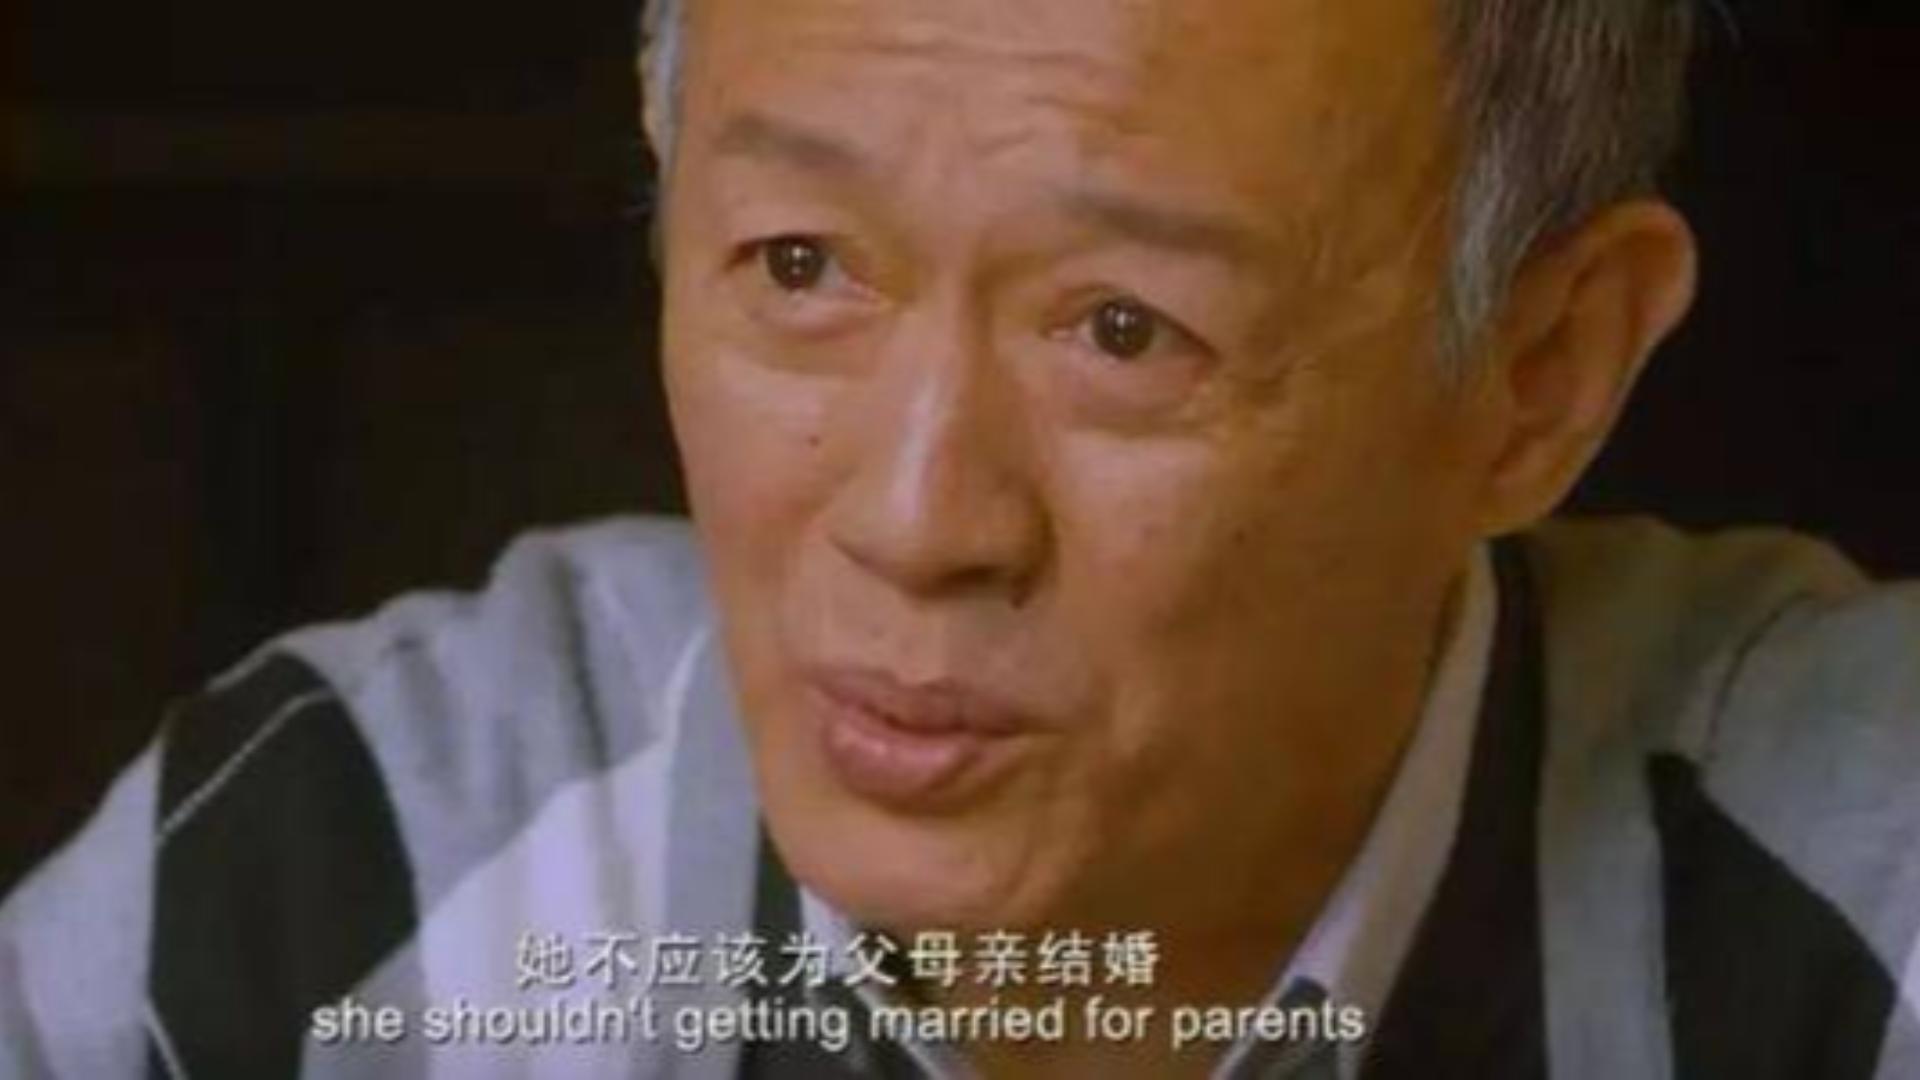 浙江70多岁爸爸要结第五次婚! 儿子气炸:钱都被骗光了